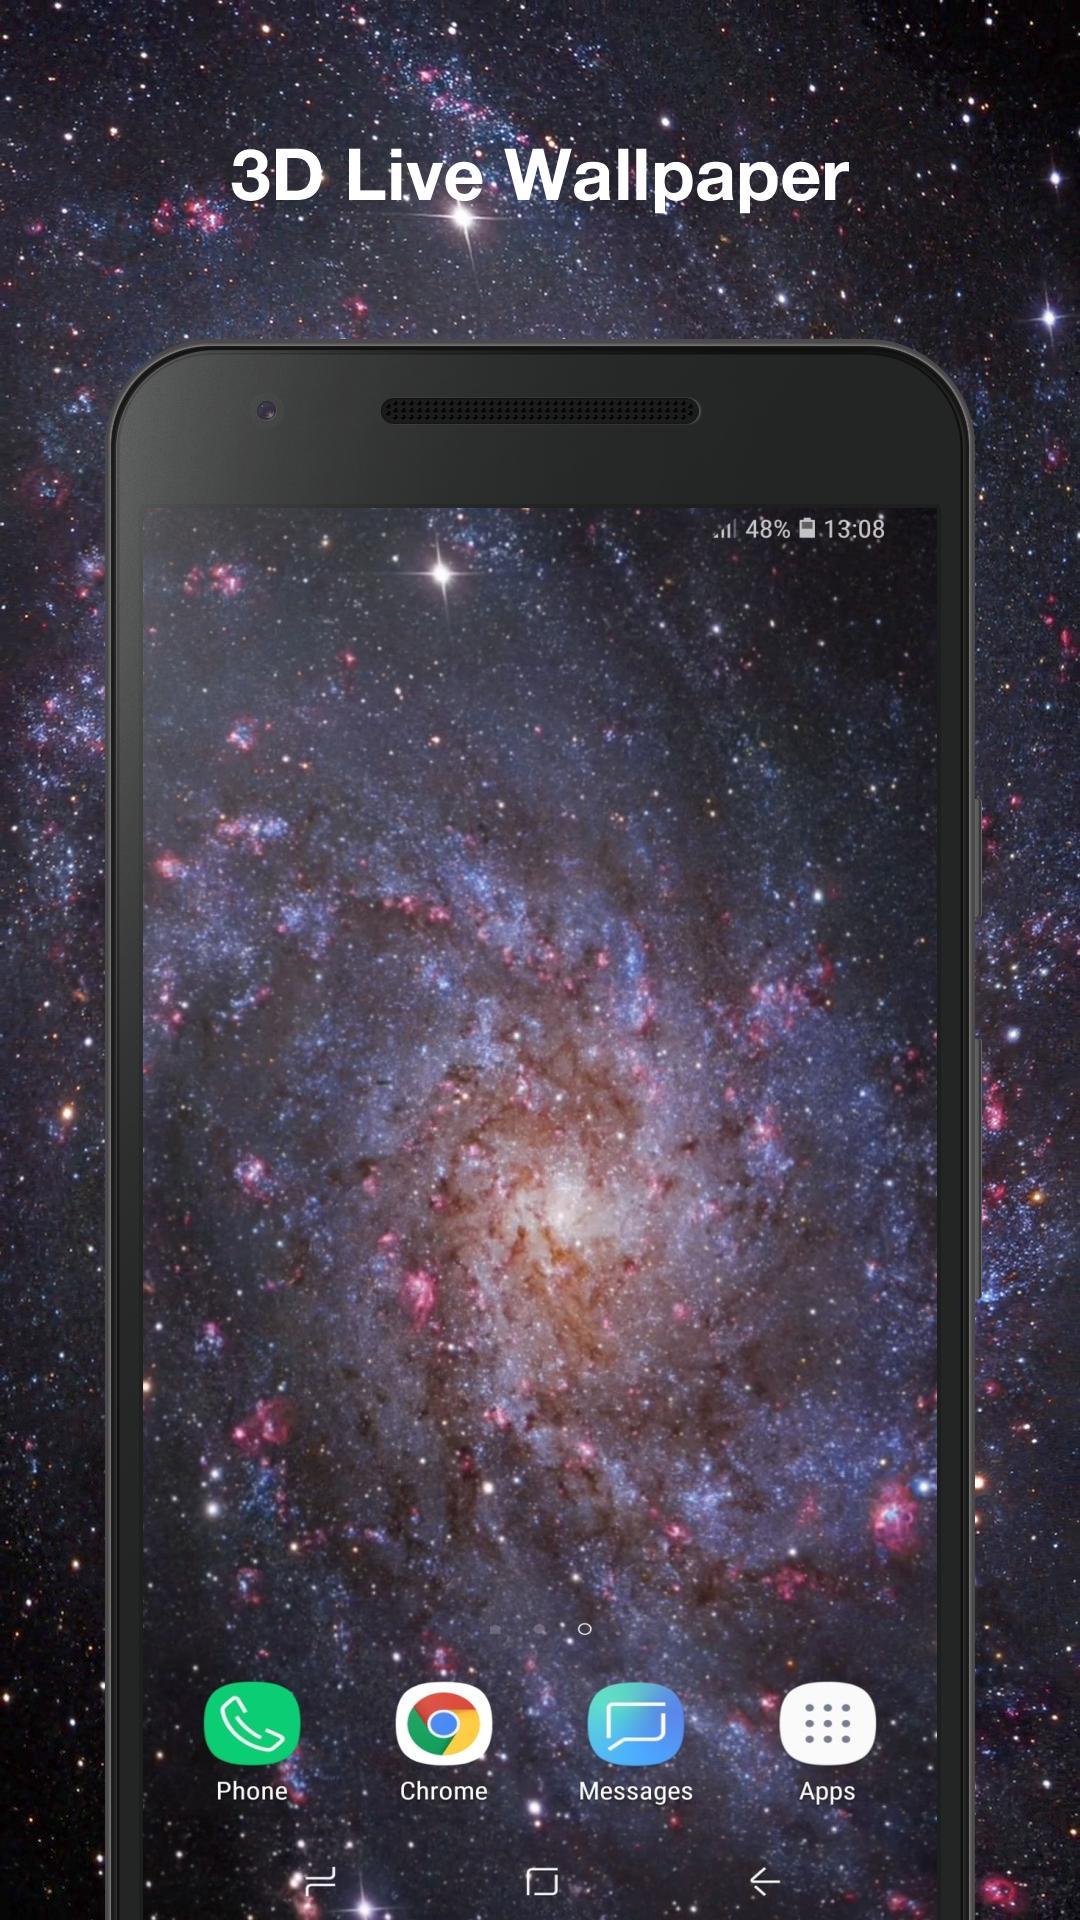 Android 用の 宇宙の粒子 アニメーション壁紙 Apk をダウンロード